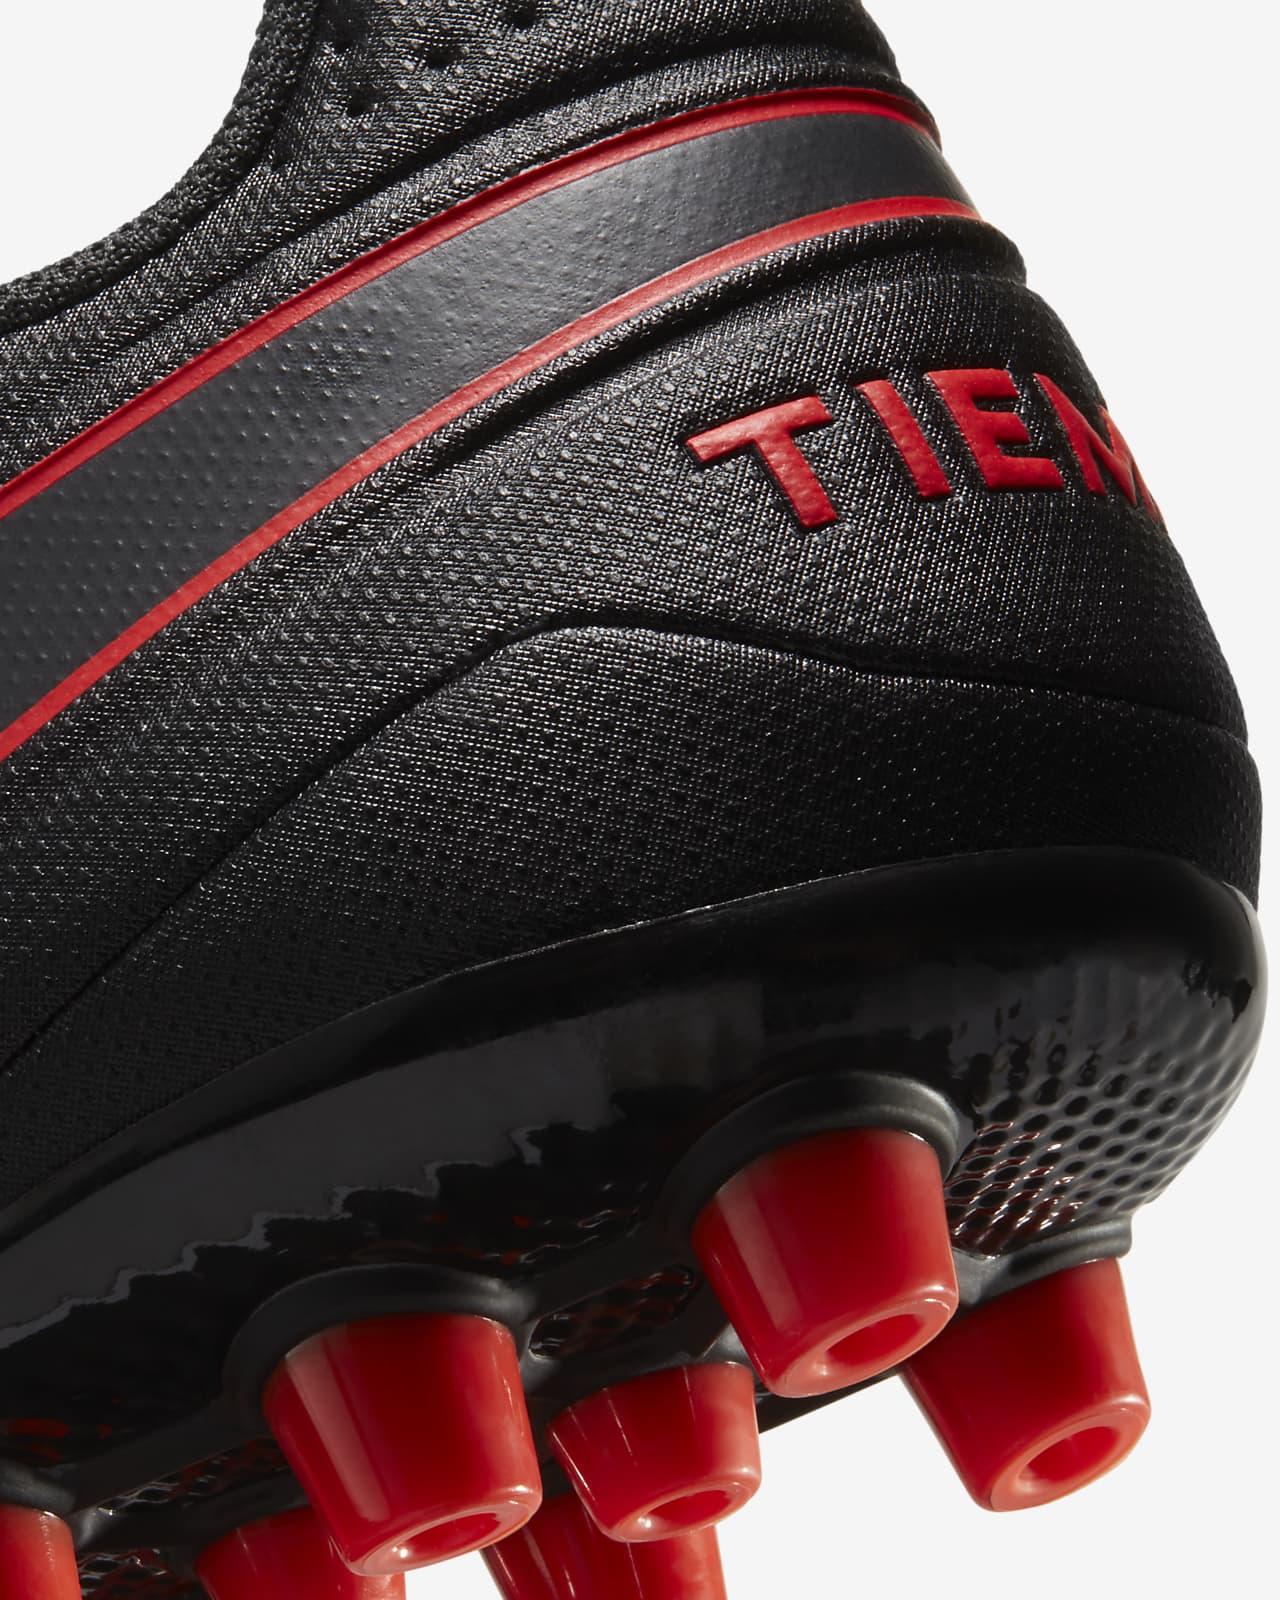 Chaussure de football à crampons pour terrain synthétique